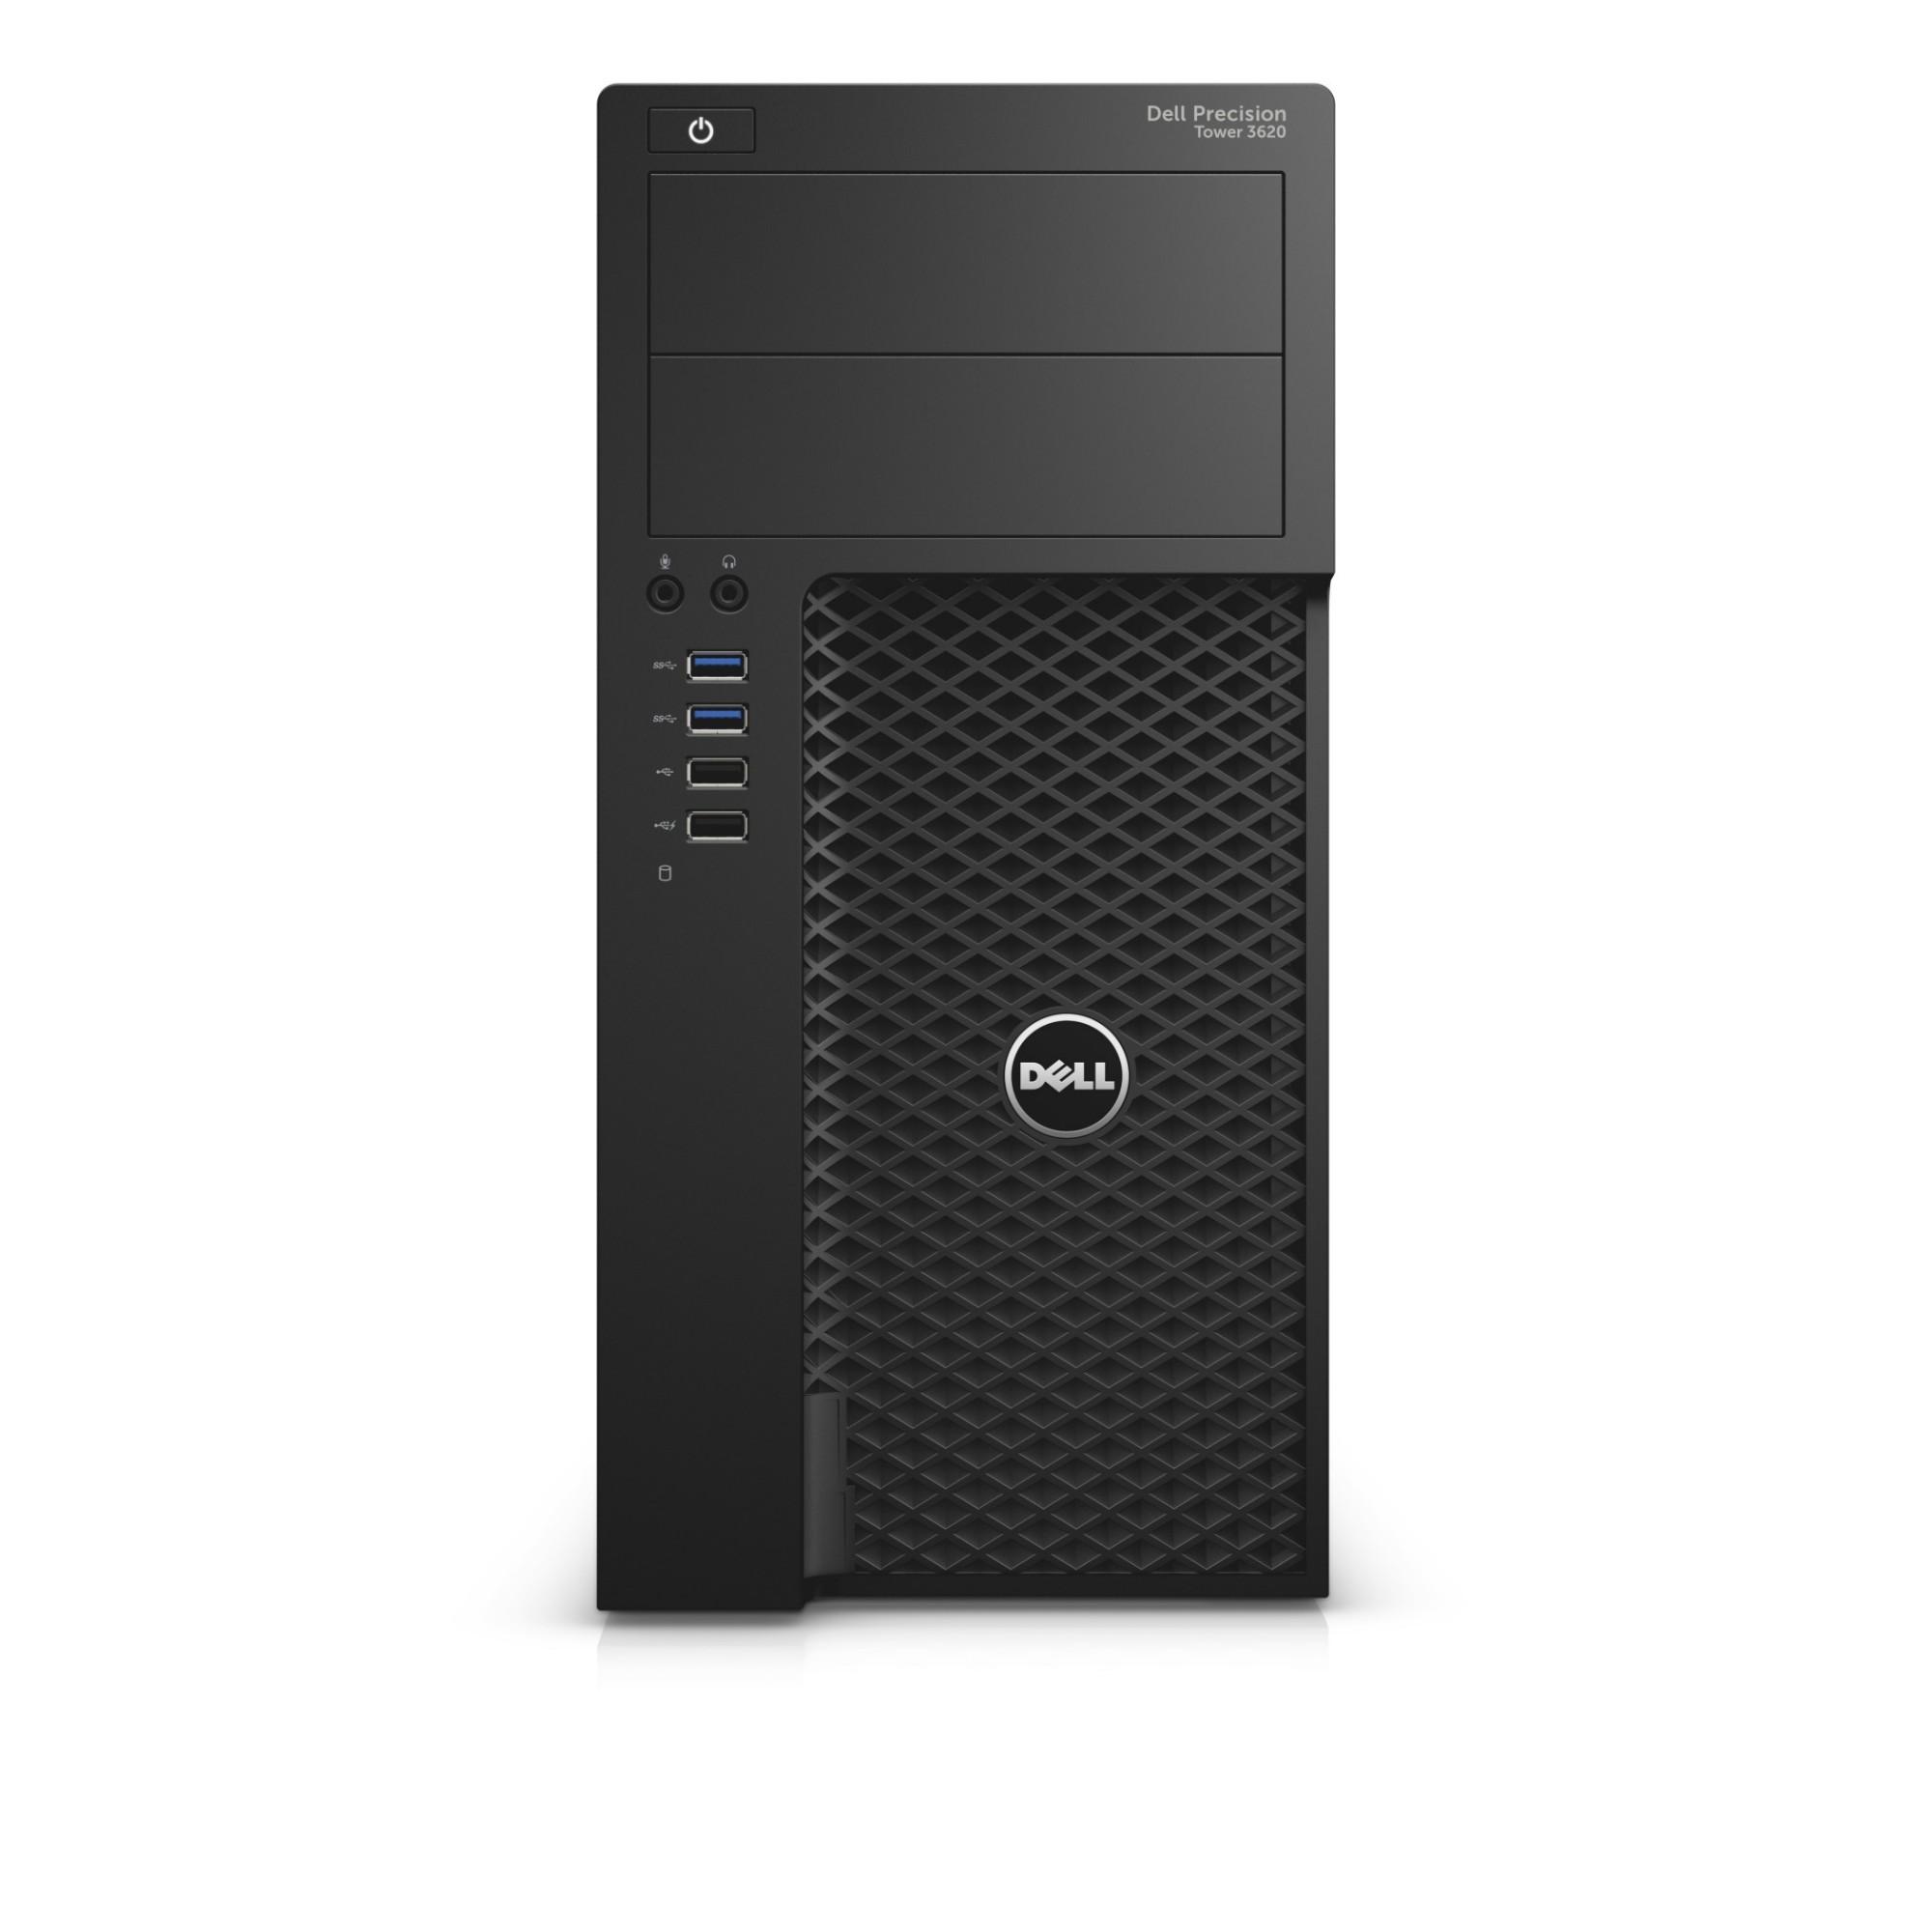 DELL WorkStation Precision T3620 MT XK6WW Core i7-6700 8GB 256GB SSD Win  7/10 pro